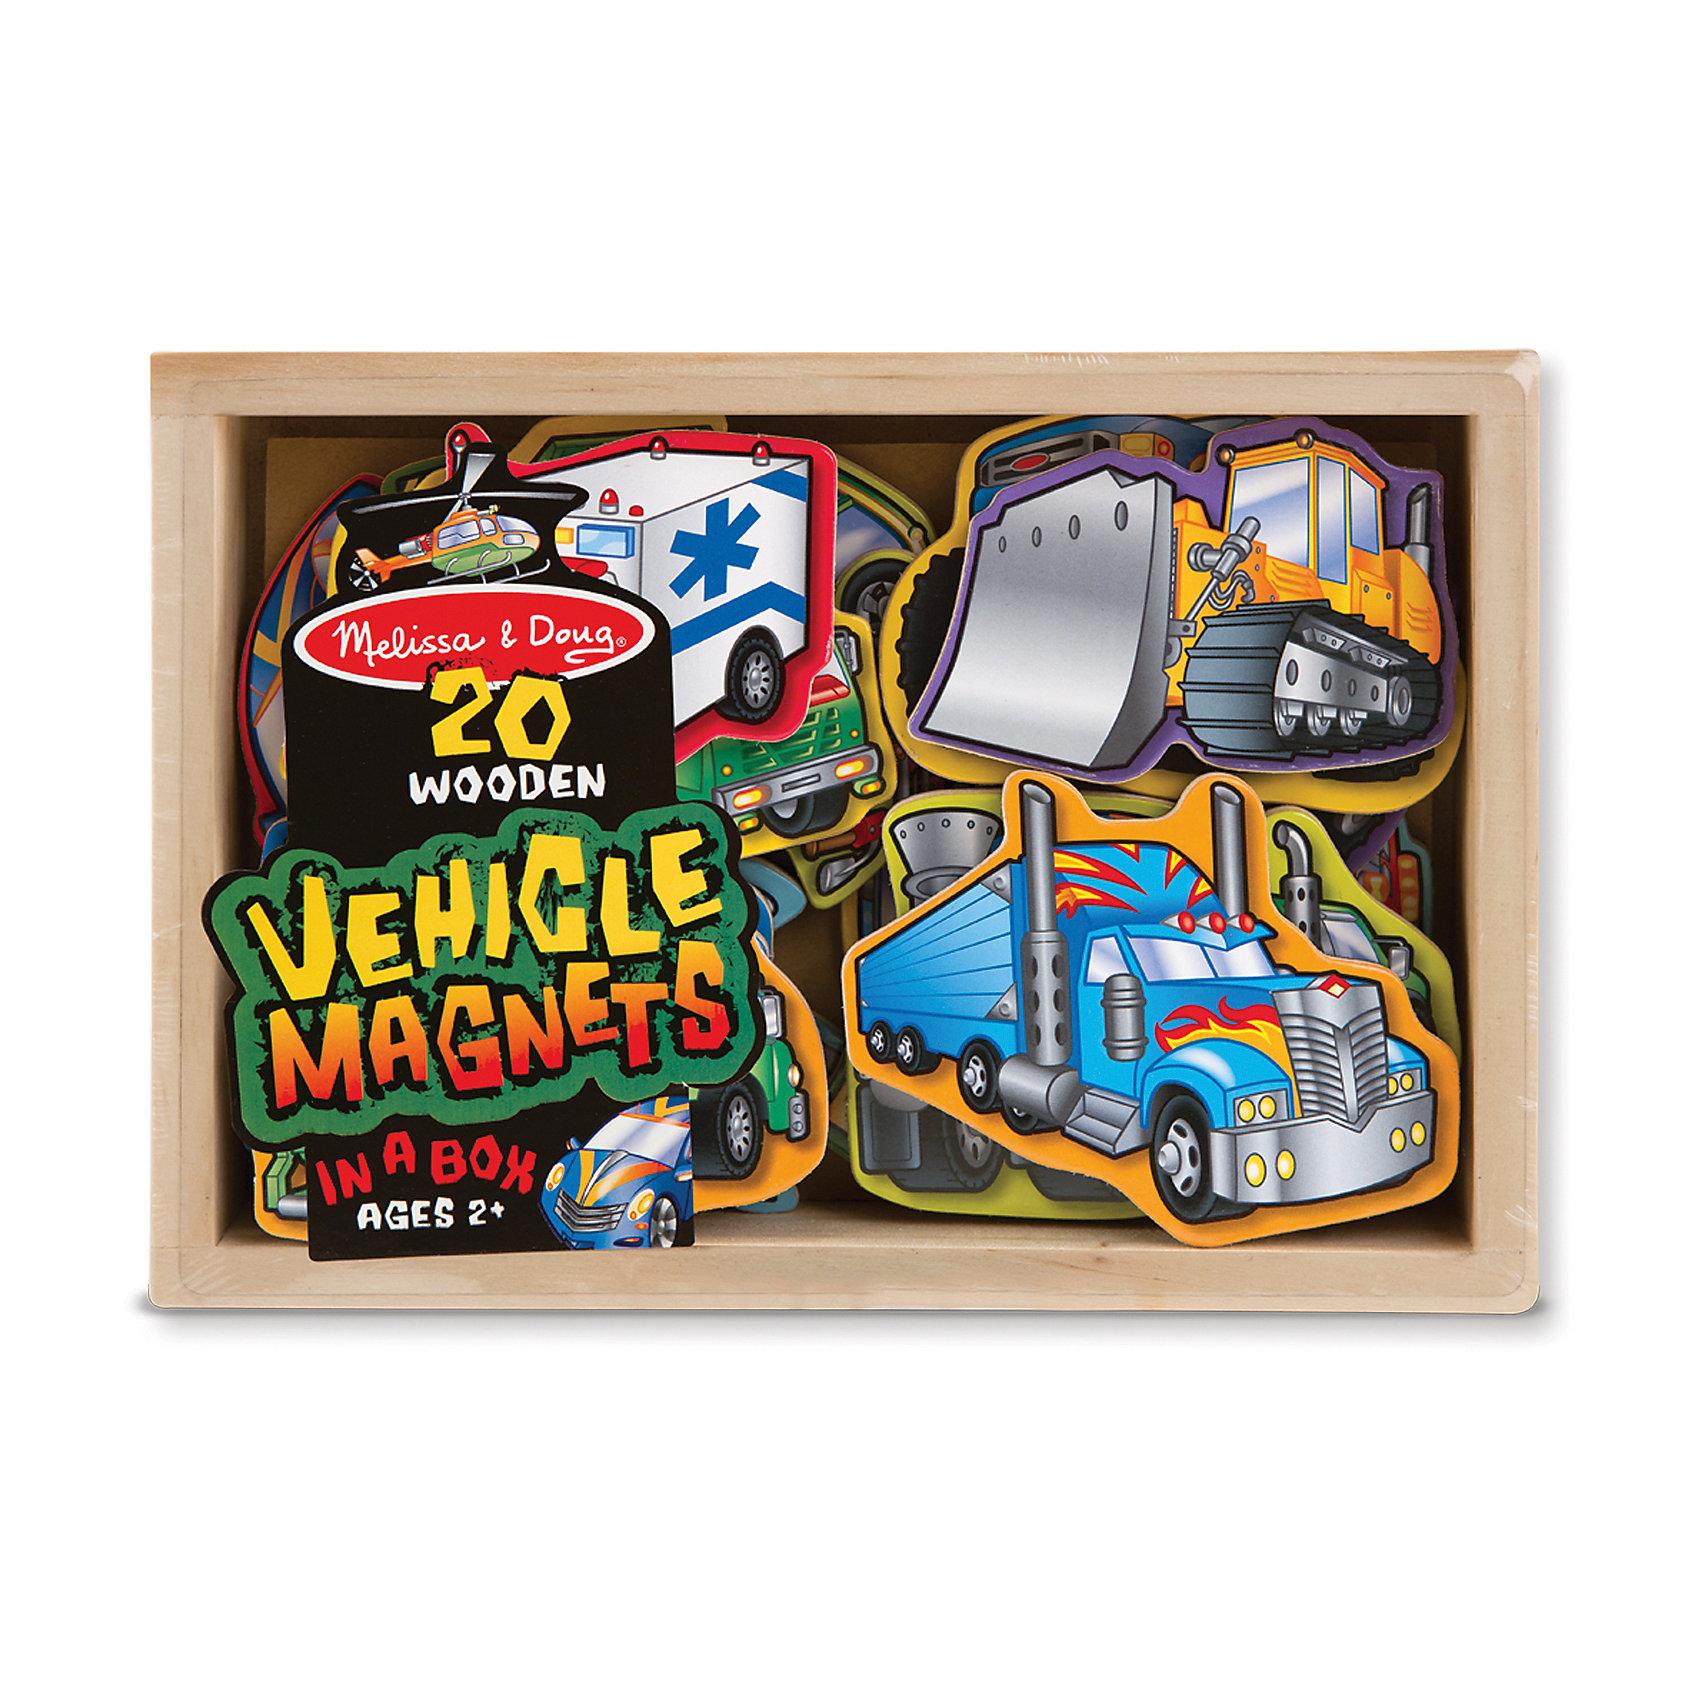 Магнитная игра Автомобили, Melissa &amp; DougНастольные игры для всей семьи<br>Замечательная магнитная игра Автомобили от известного американского бренда Melissa &amp; Doug для мальчика. Набор содержит 20 видов автомобилей, некоторые из которых уже хорошо известны малышу, а с некоторыми придется познакомиться в процессе игры. Скорая помощь, самолет, вертолет, строительная техника, мотоцикл, лимузин - что выберет Ваш сын? Каждая фигурка выполнена из дерева с магнитом, поэтому легко крепится к холодильнику, пока мама готовит, либо к магнитной доске. Игровой набор обладает следующими особенностями:<br>- качественные материалы, приятные на ощупь;<br>- яркие насыщенные цвета;<br>- хорошие понятные изображения;<br>- прочный деревянный ящик для хранения и транспортировки.<br>Отличная игра для юного автолюбителя!<br><br>Дополнительная информация:<br>- вес: 408 гр;<br>- габариты: 140х200х40 мм;<br>- рекомендуемый возраст: от 1 года при участии родителей;<br>- состав: дерево, прессованный картон, пвх.<br><br>Магнитную игру Автомобили Melissa &amp; Doug можно купить в нашем магазине<br><br>Ширина мм: 140<br>Глубина мм: 200<br>Высота мм: 40<br>Вес г: 408<br>Возраст от месяцев: 24<br>Возраст до месяцев: 60<br>Пол: Унисекс<br>Возраст: Детский<br>SKU: 3927716